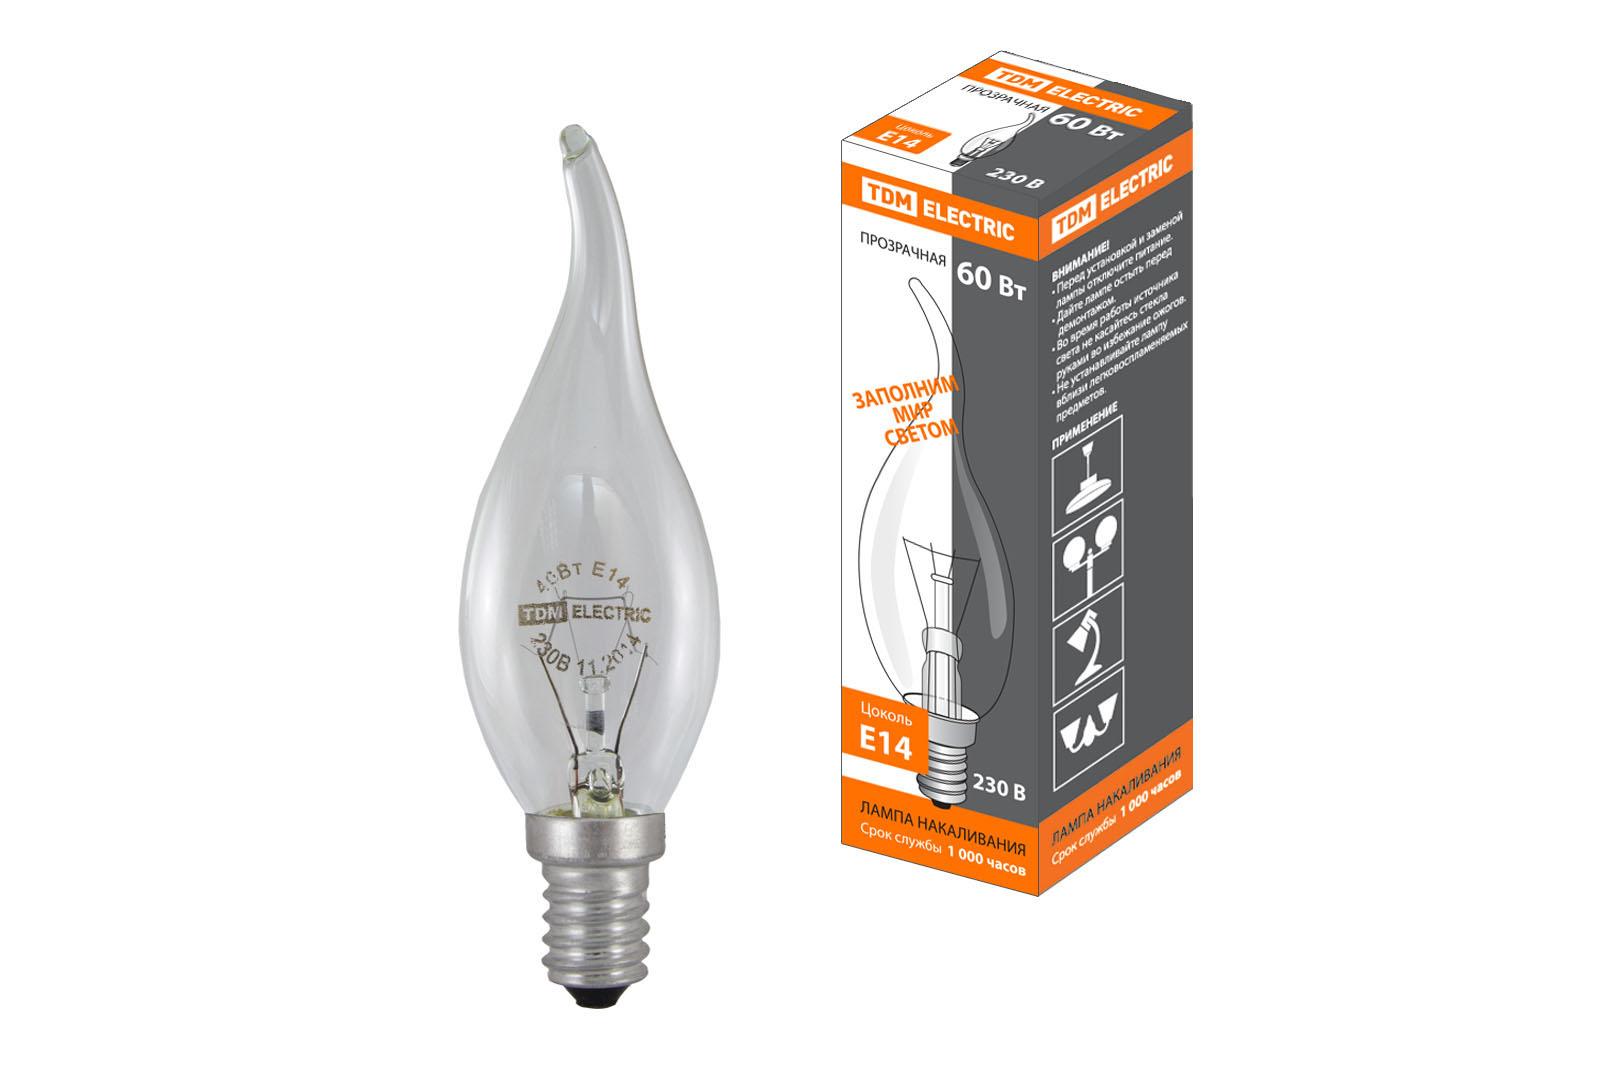 """Фото Лампа накаливания """"Свеча на ветру"""" прозрачная 60 Вт-230 В-Е14 TDM {SQ0332-0016}"""